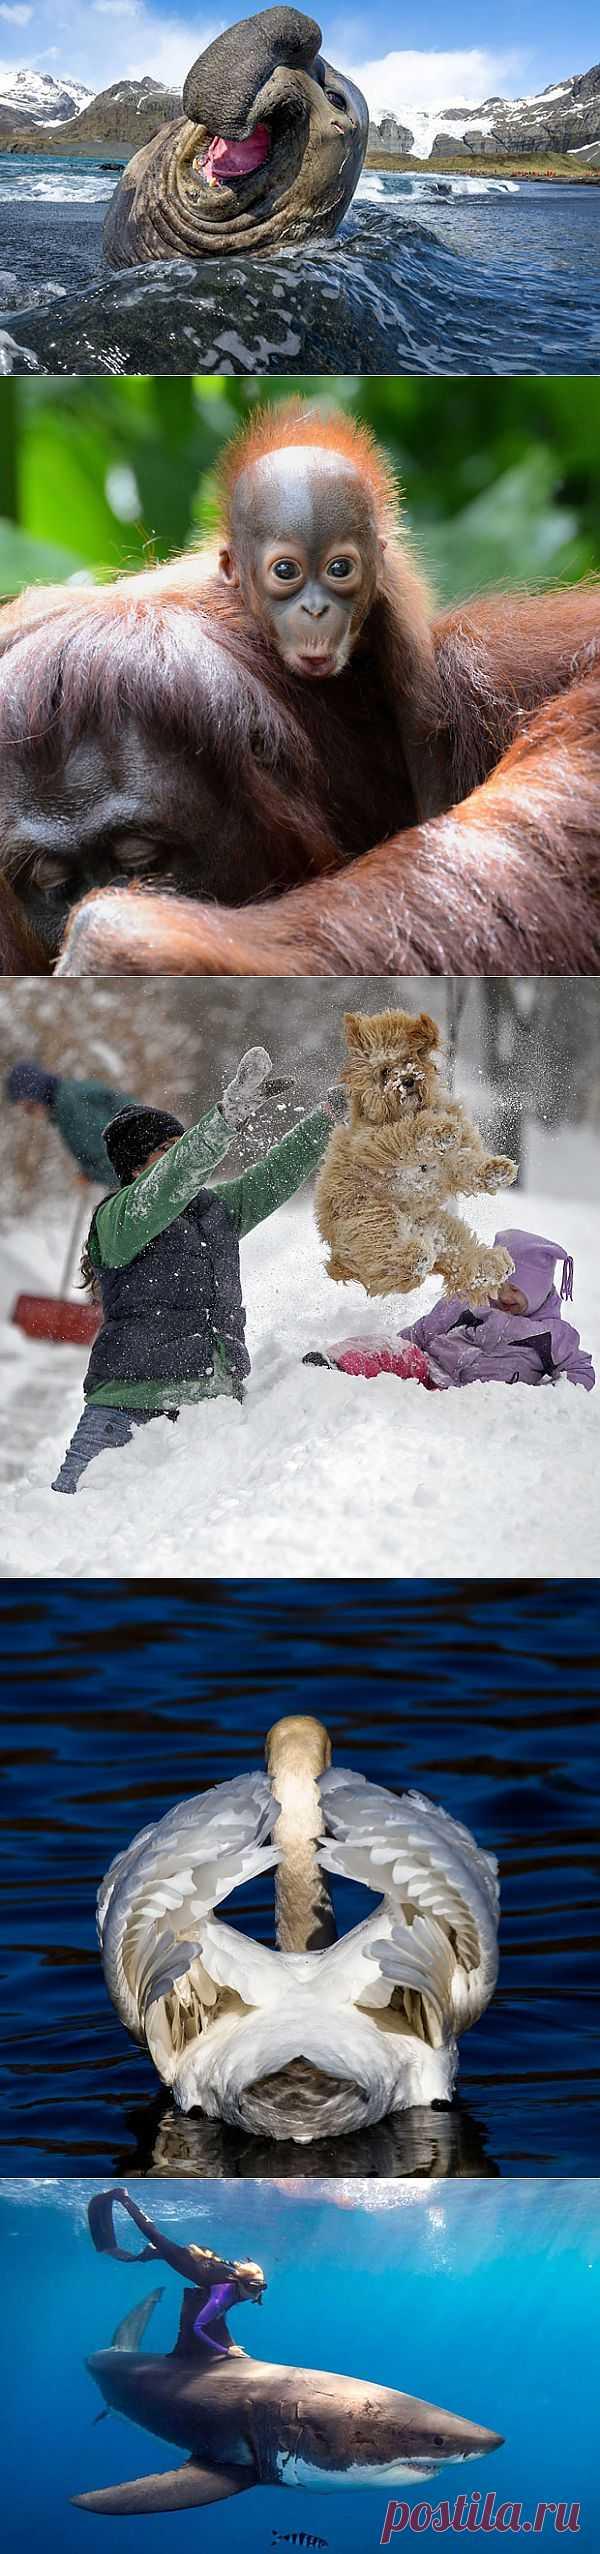 Фото животных от National Geographic | Всё самое лучшее из интернета